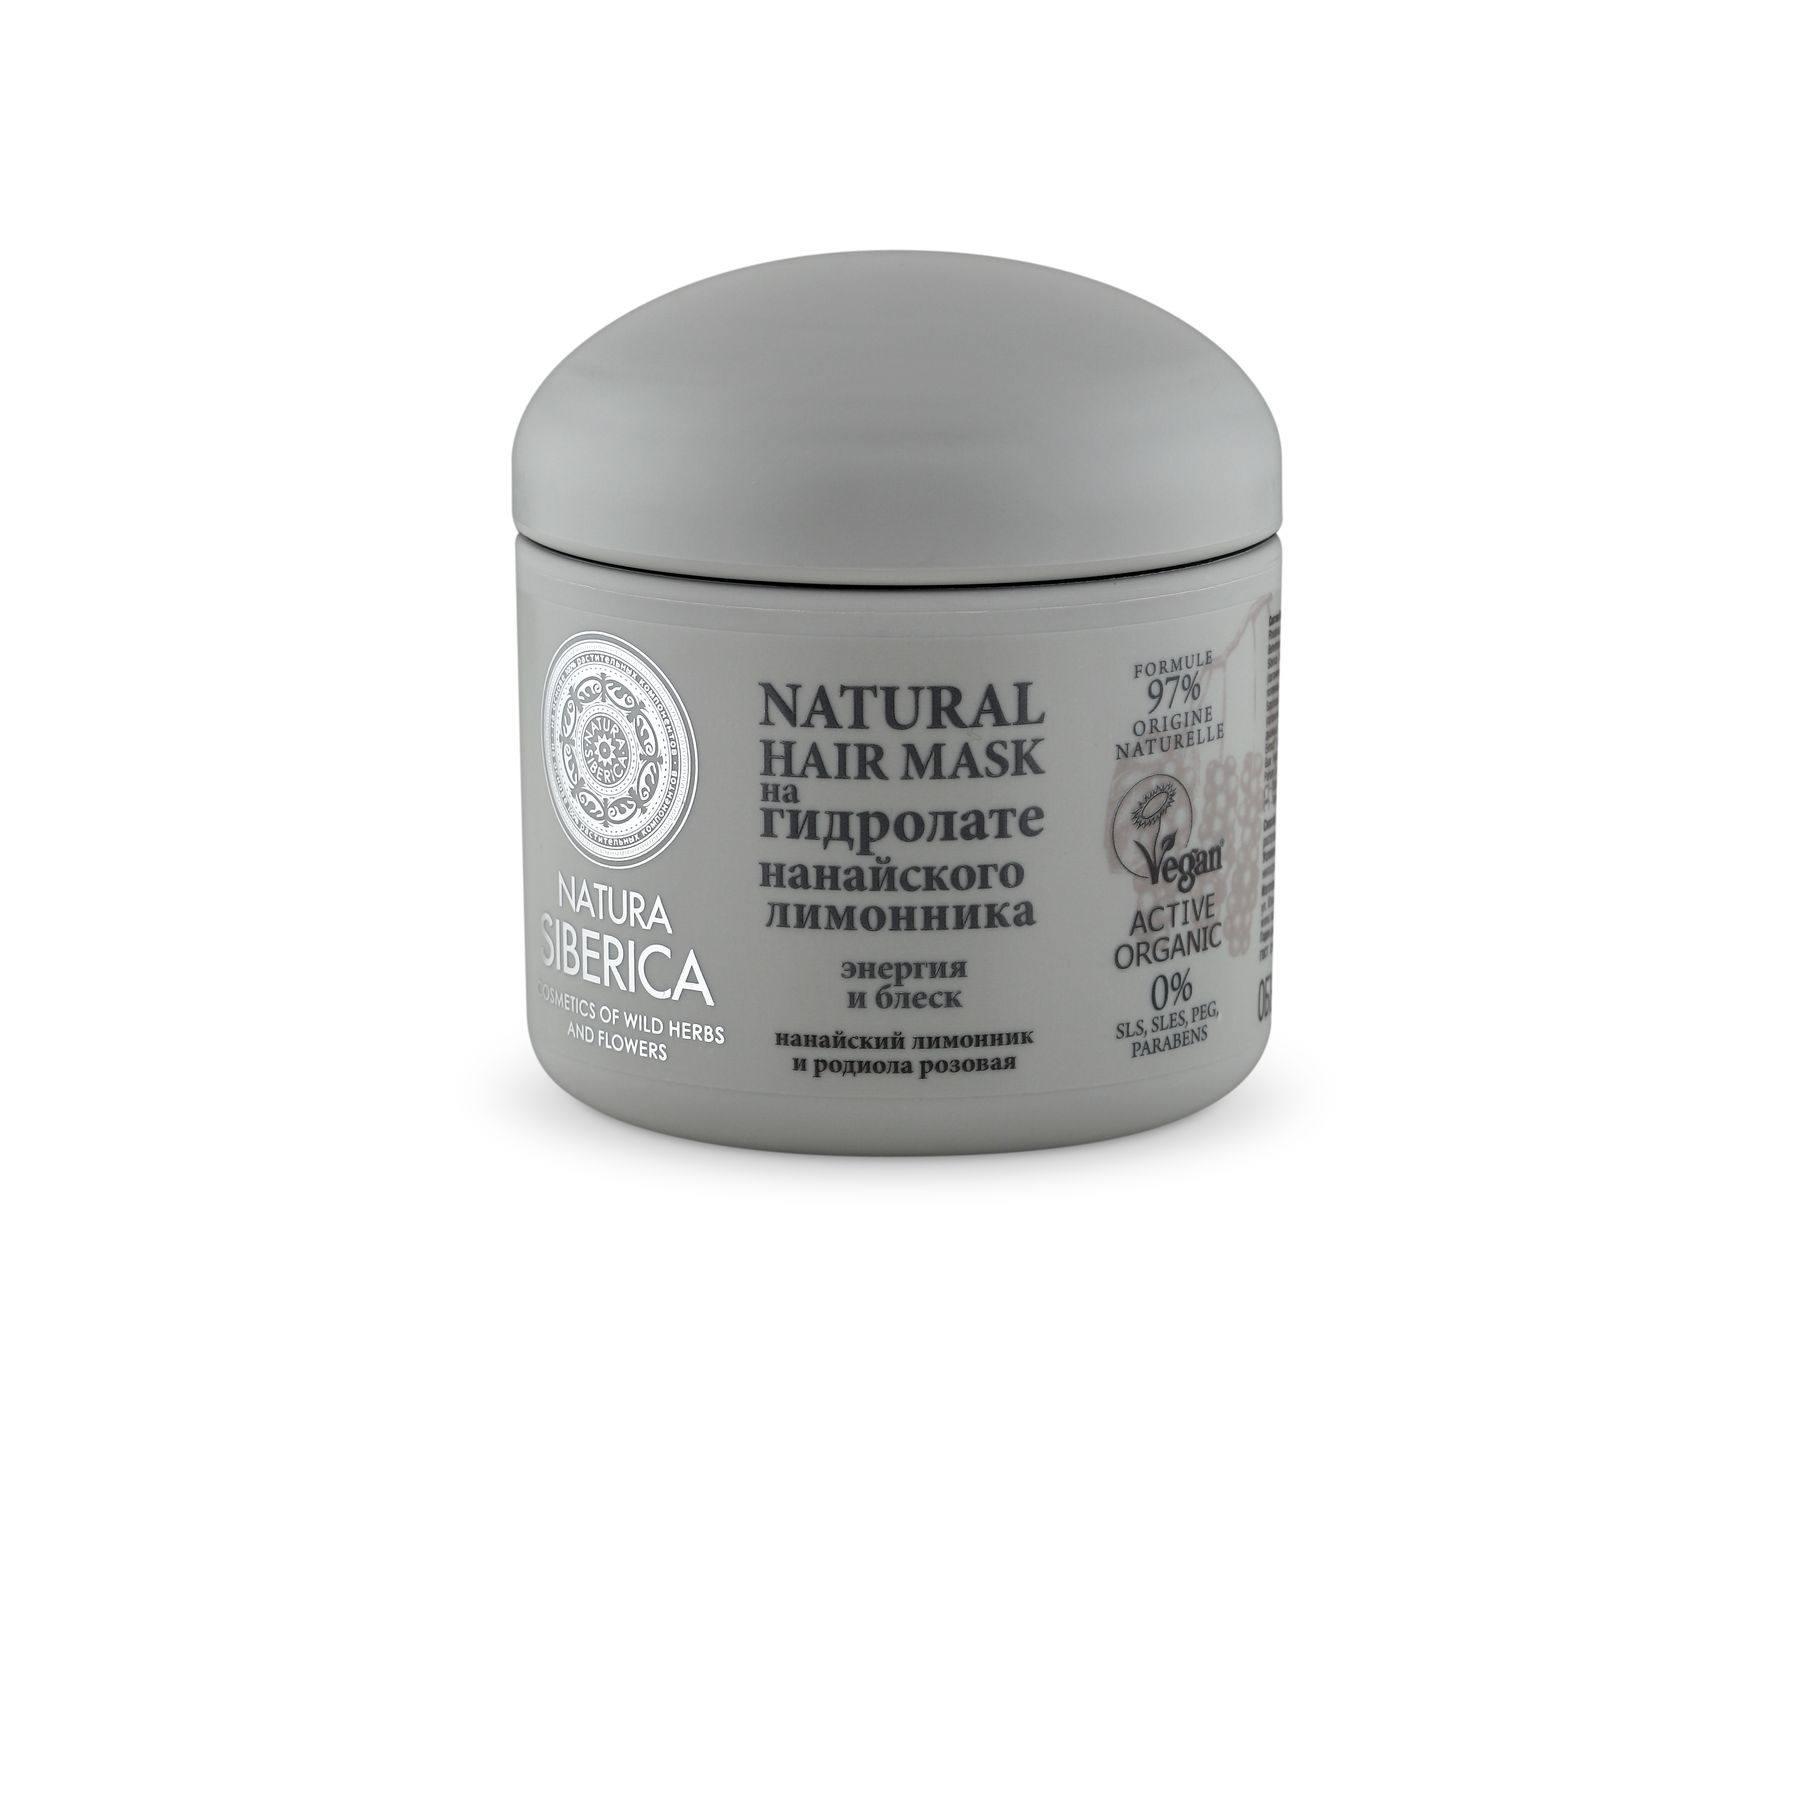 Купить Natura Siberica Гидролат Маска для тусклых и ослабленных волос Энергия и блеск , 370 мл (shop: Organic-shops Organic shops)